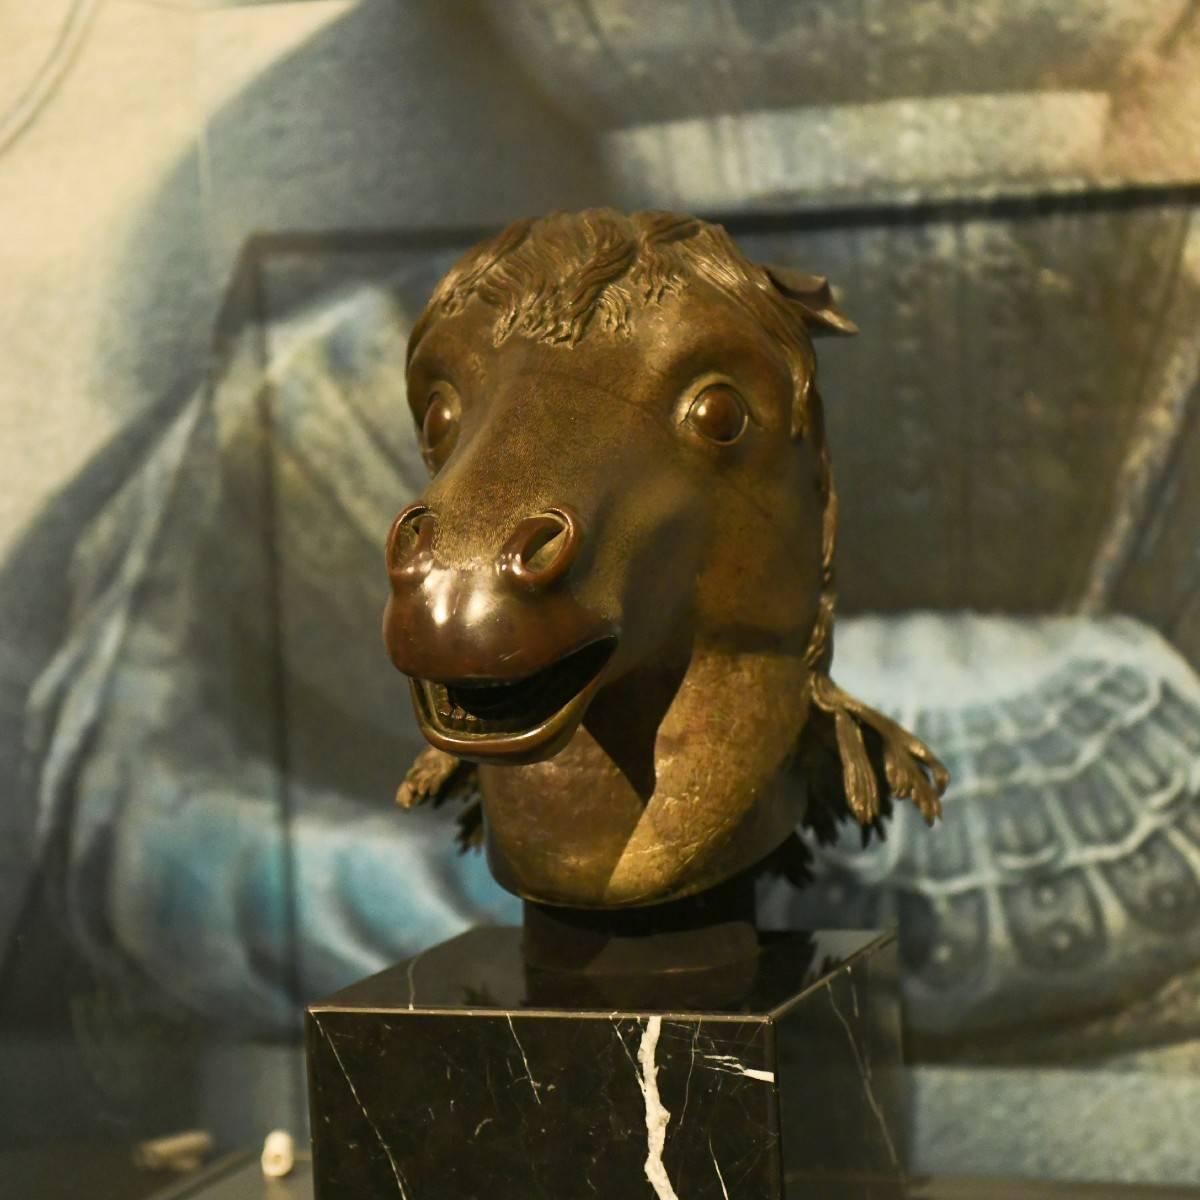 曾流失海外百余年的马首铜像,年内将回到圆明园 网络热搜 第1张